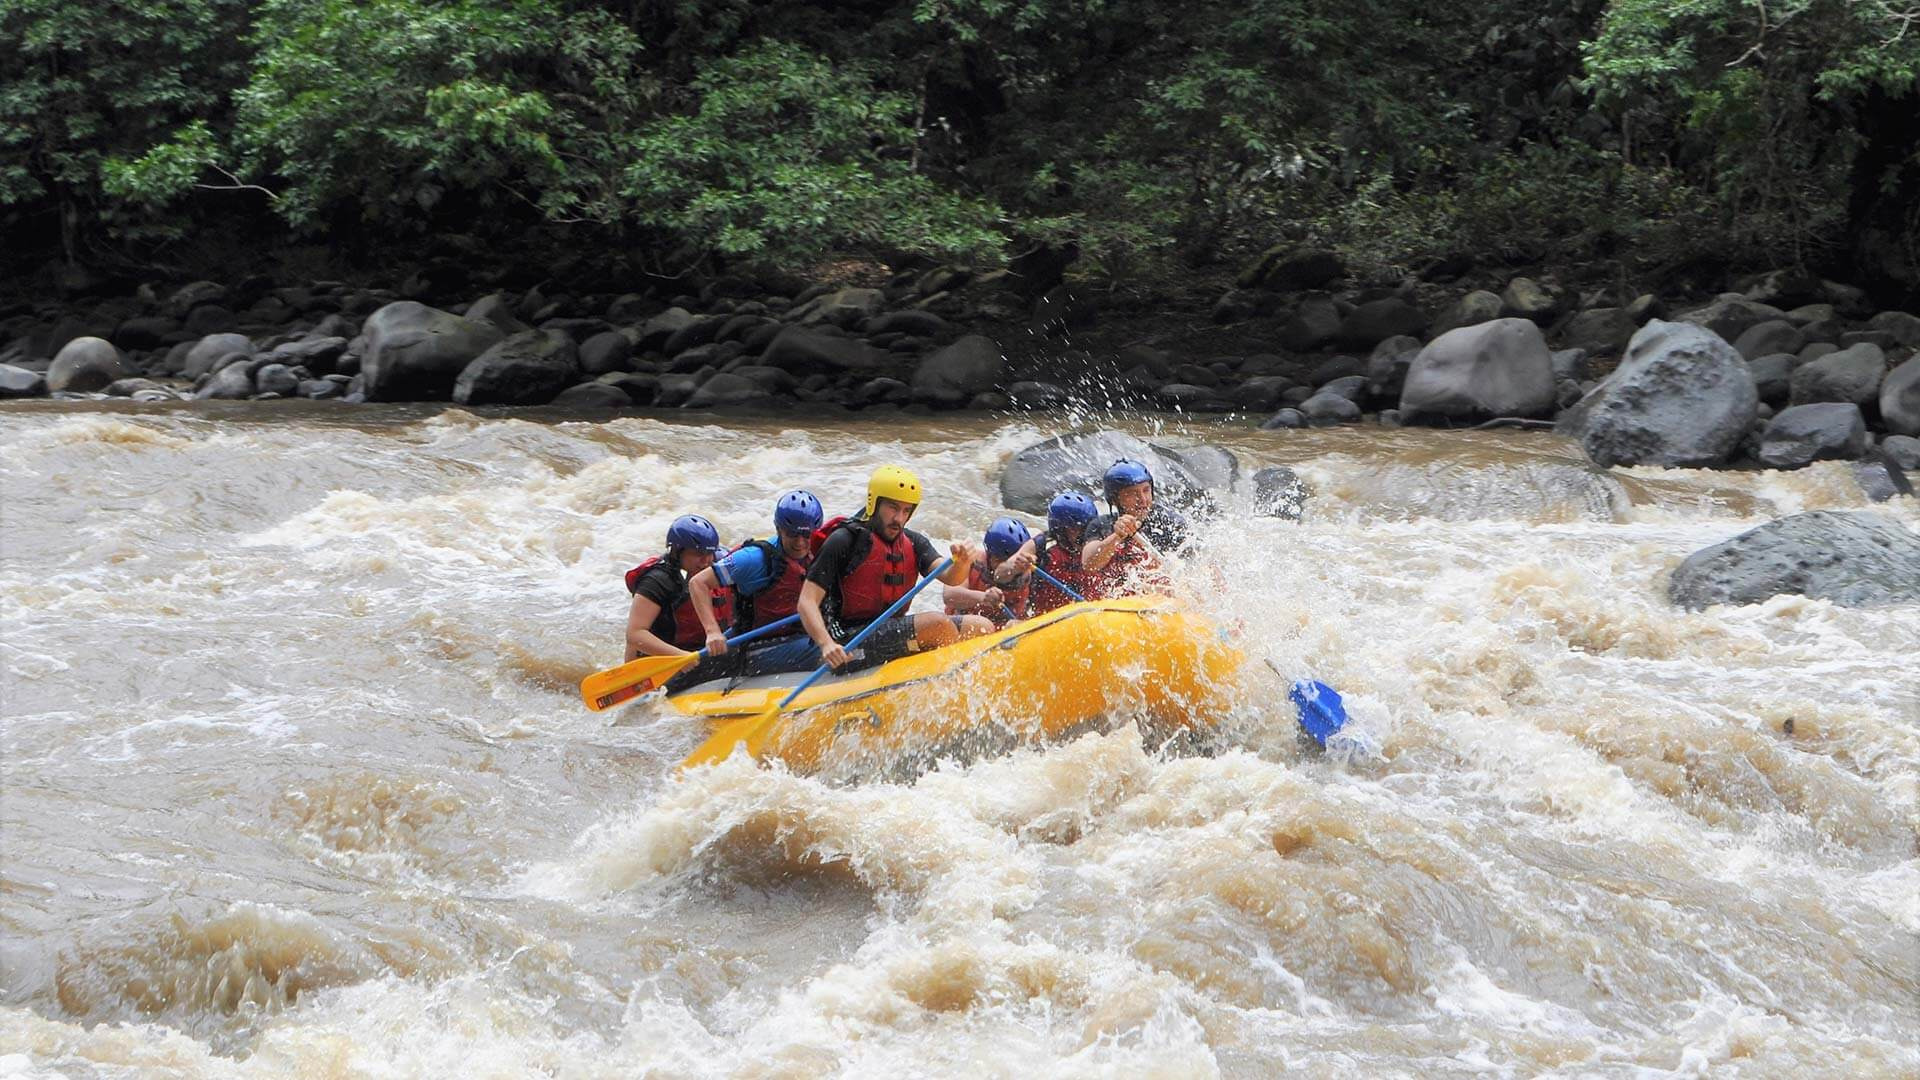 ecuador raftinf tour the long run on river blanco